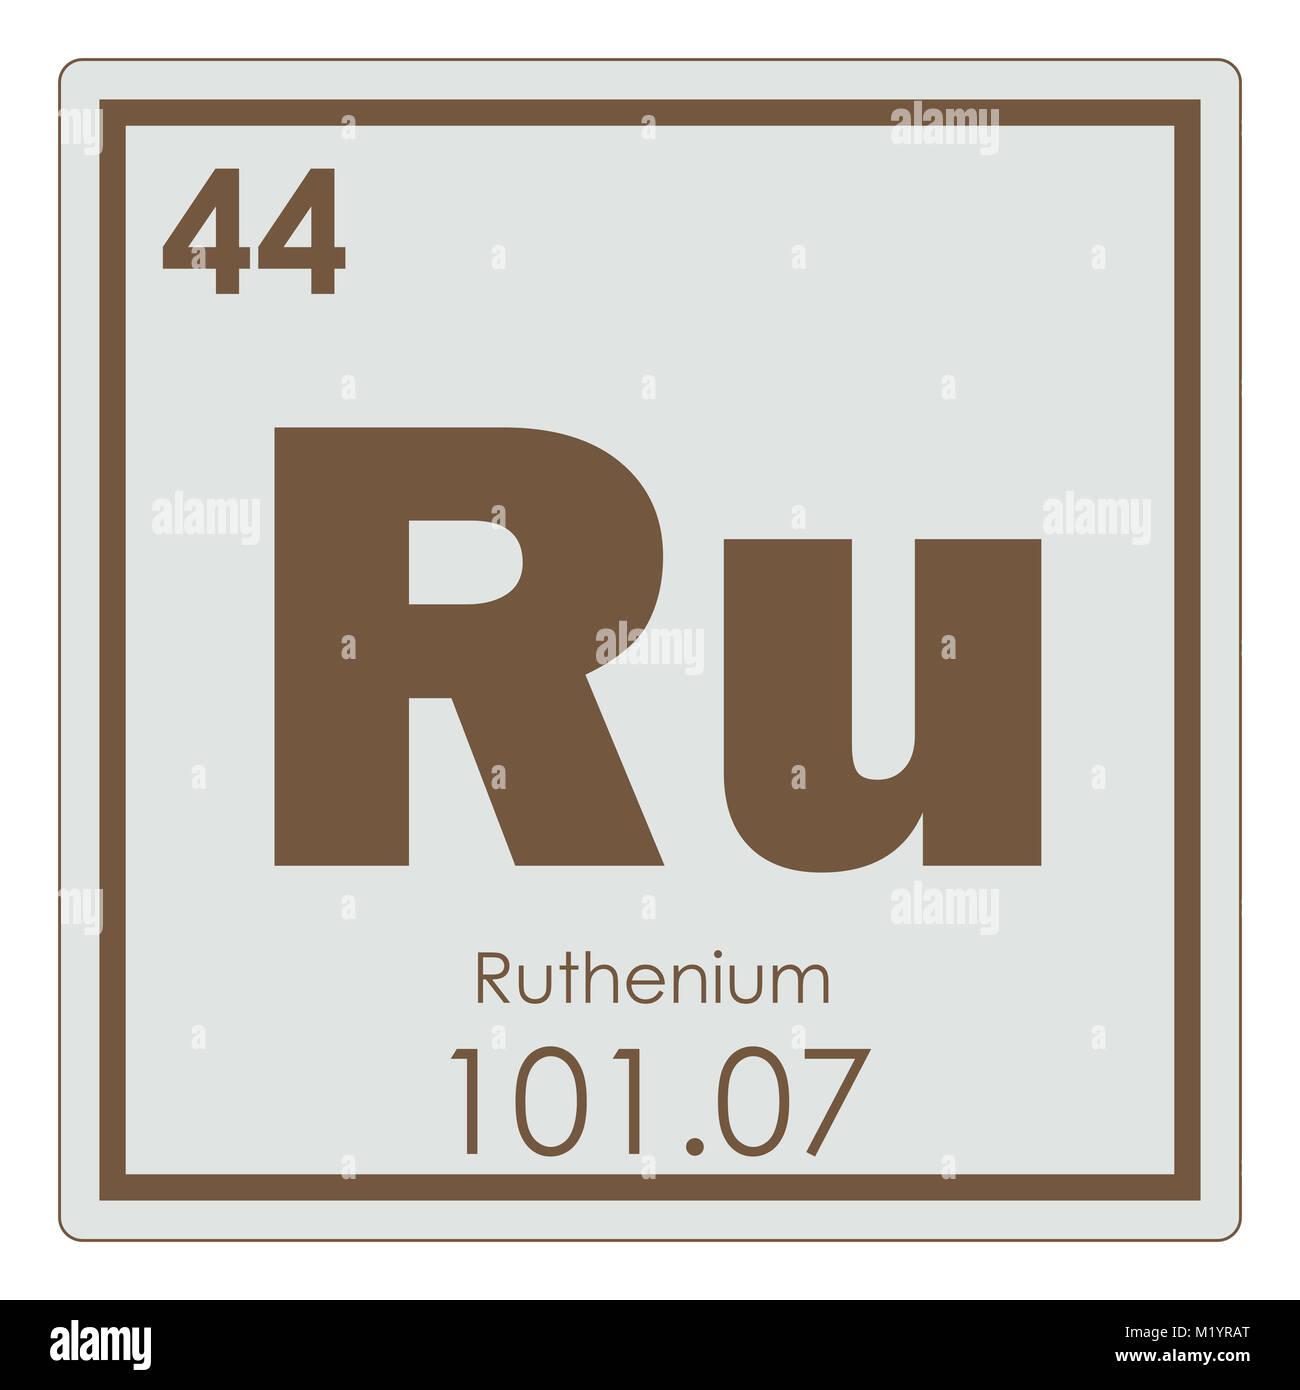 Vanadium symbol periodic table choice image symbol and sign ideas gold element symbol periodic table image collections periodic ruthenium stock photos ruthenium stock images alamy ruthenium biocorpaavc